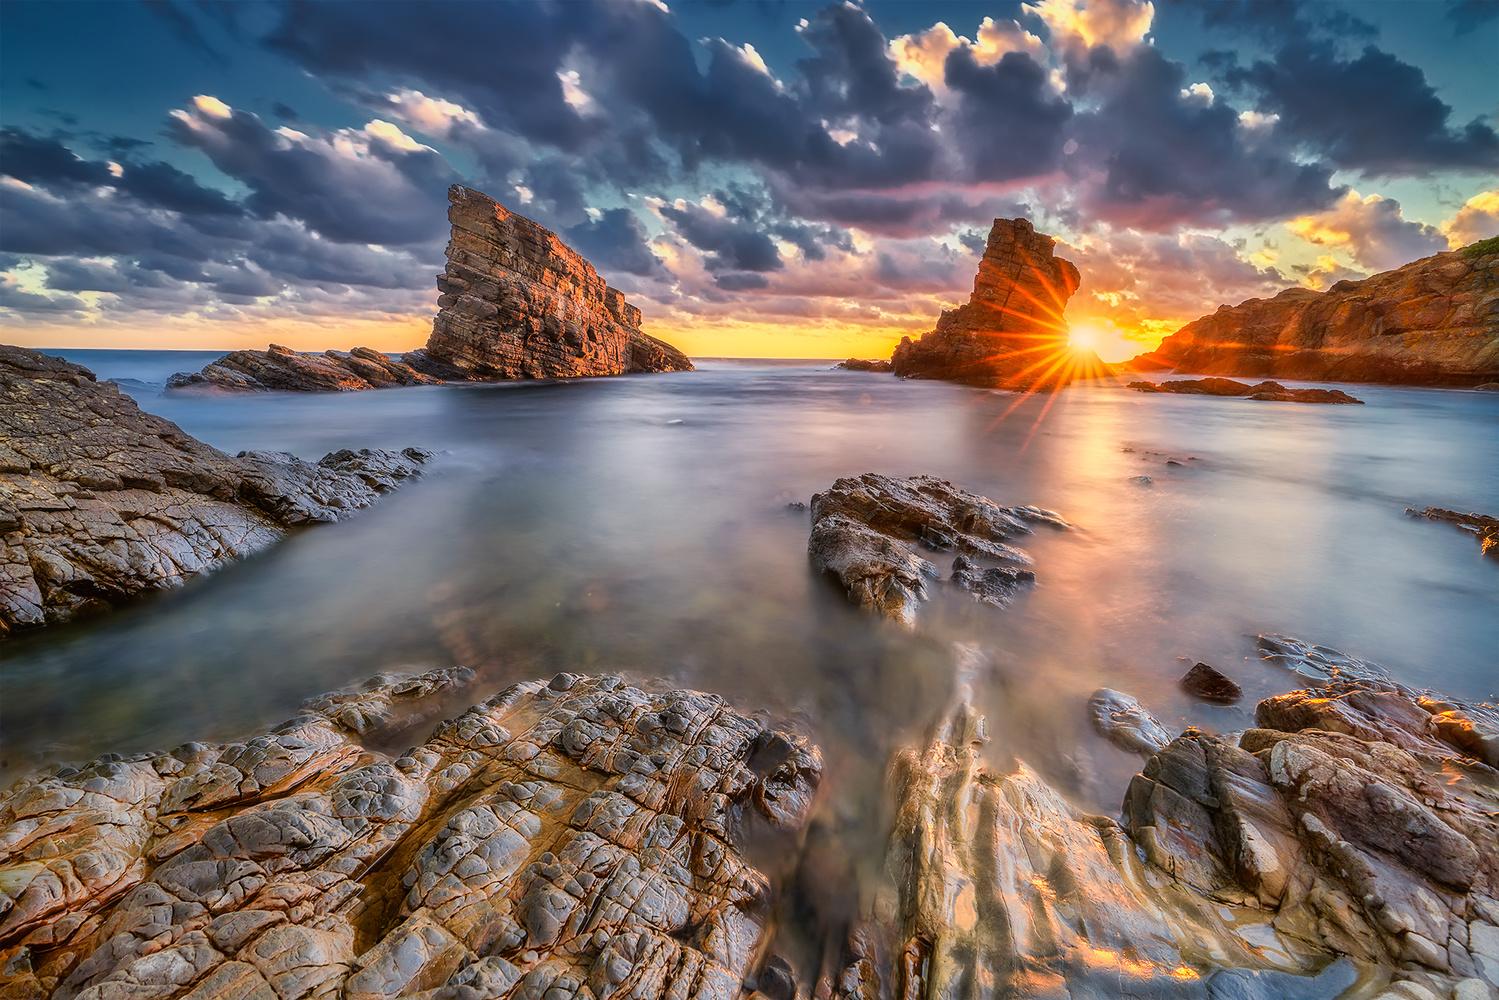 Black Sea Coast Line by Brighilă Alex